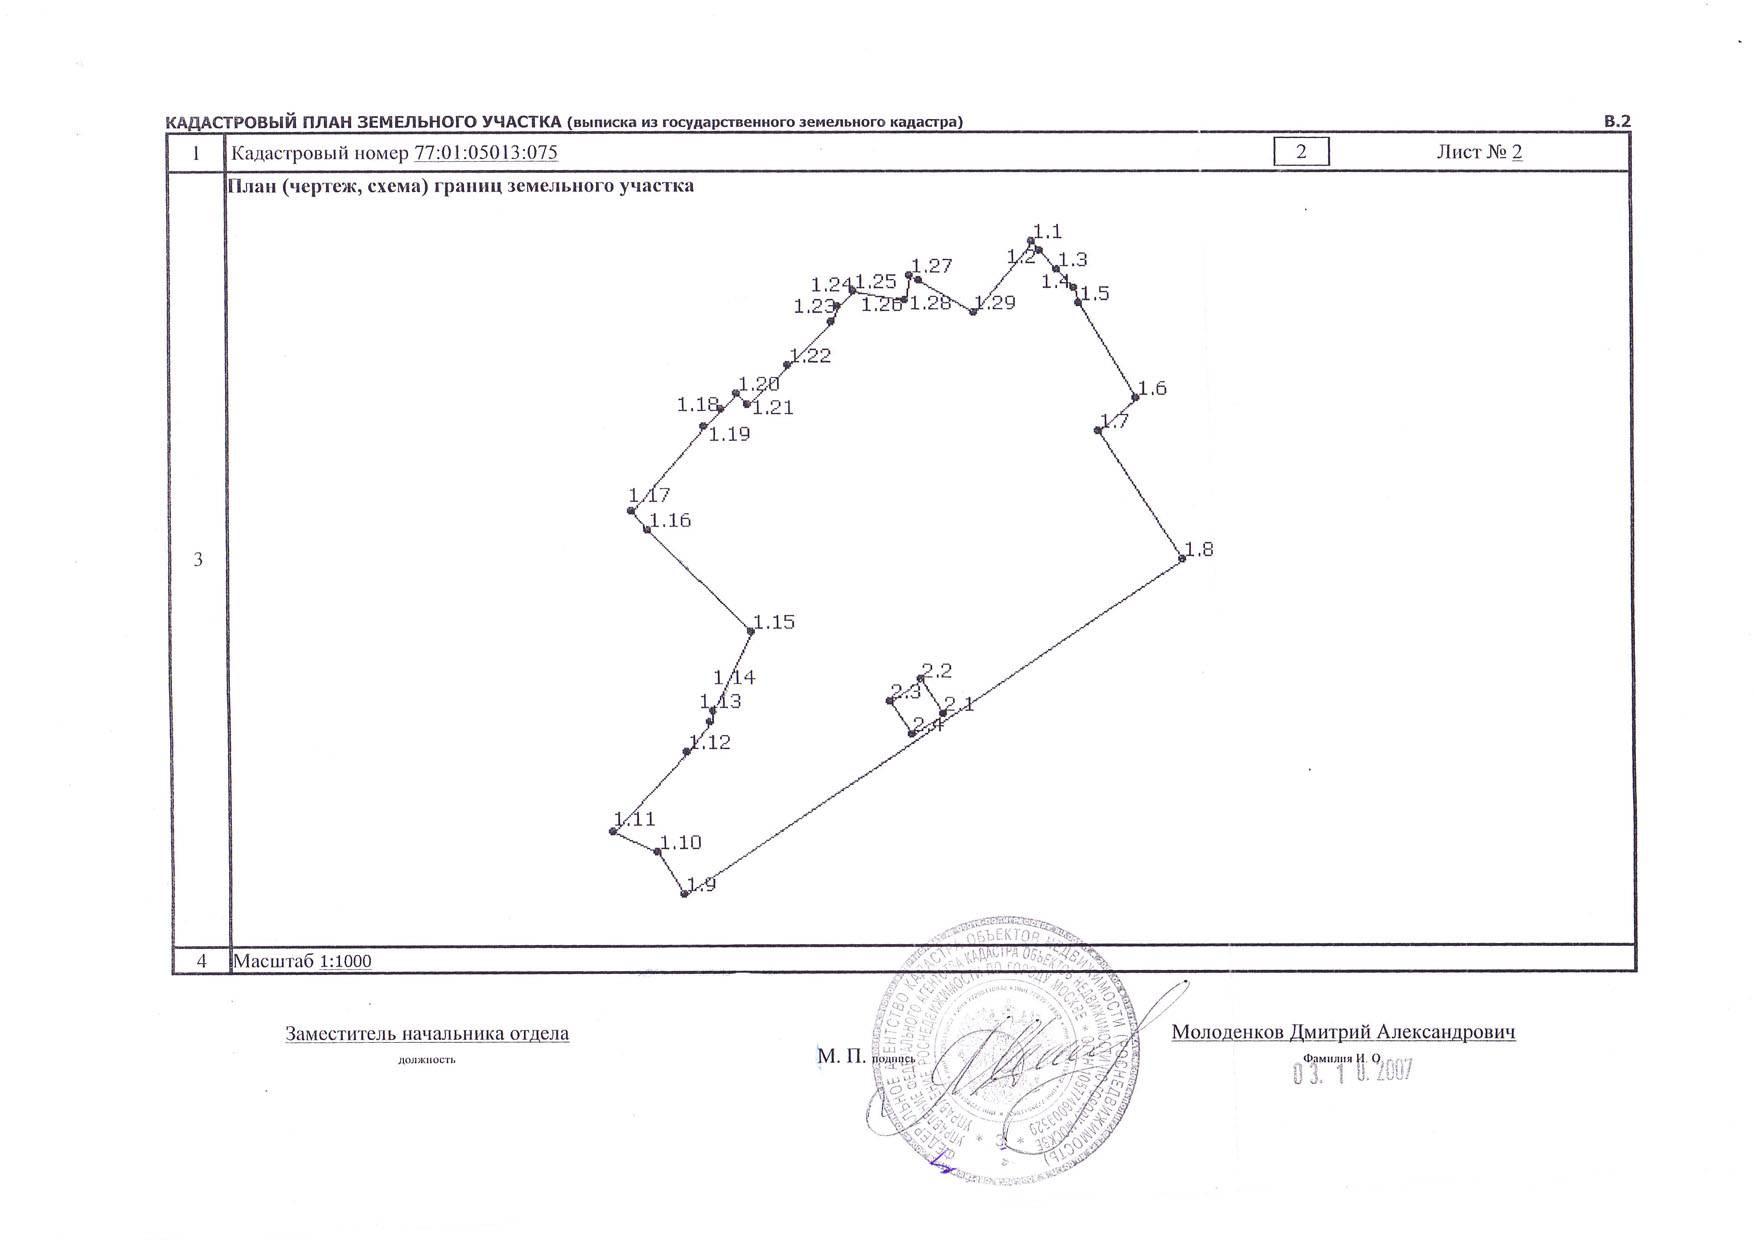 Как выглядит документ о межевании земельного участка и что делать после процедуры межевания?